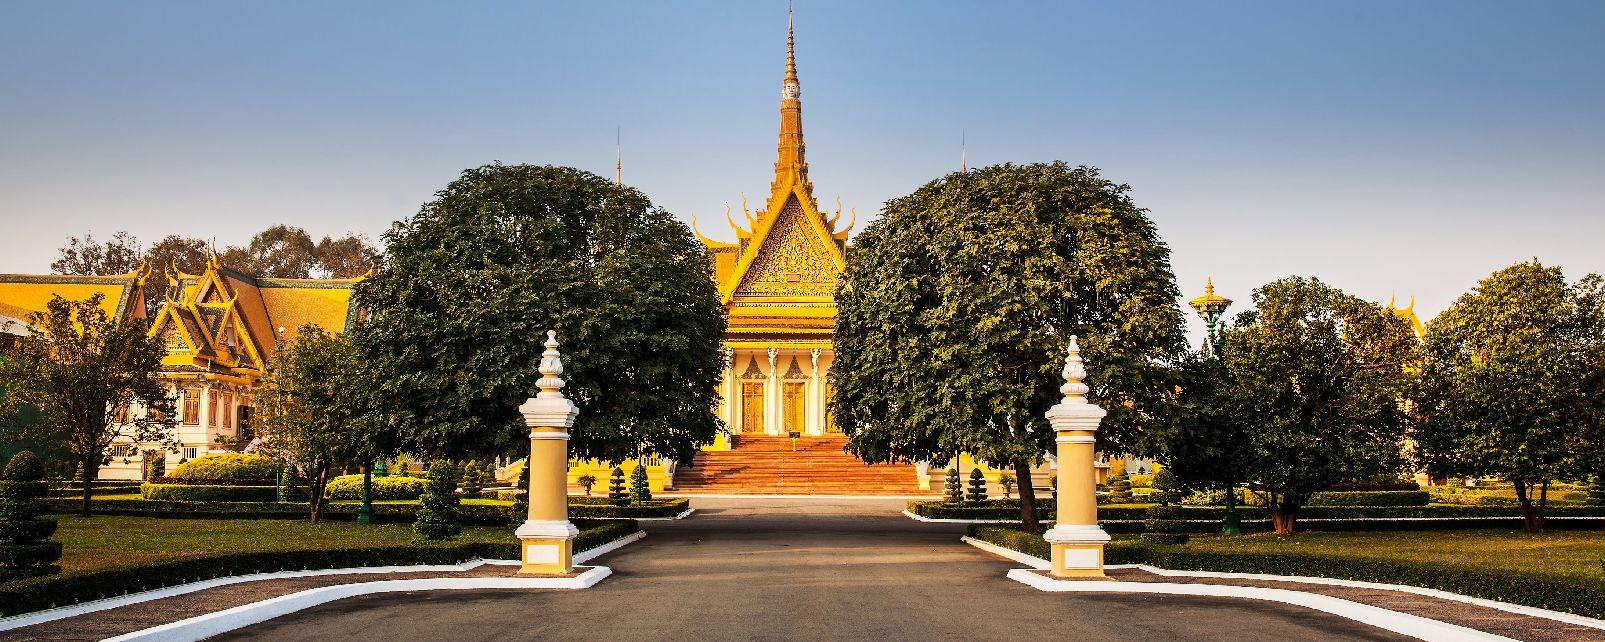 La Pagode d'argent de Phnom Penh , Cambodge